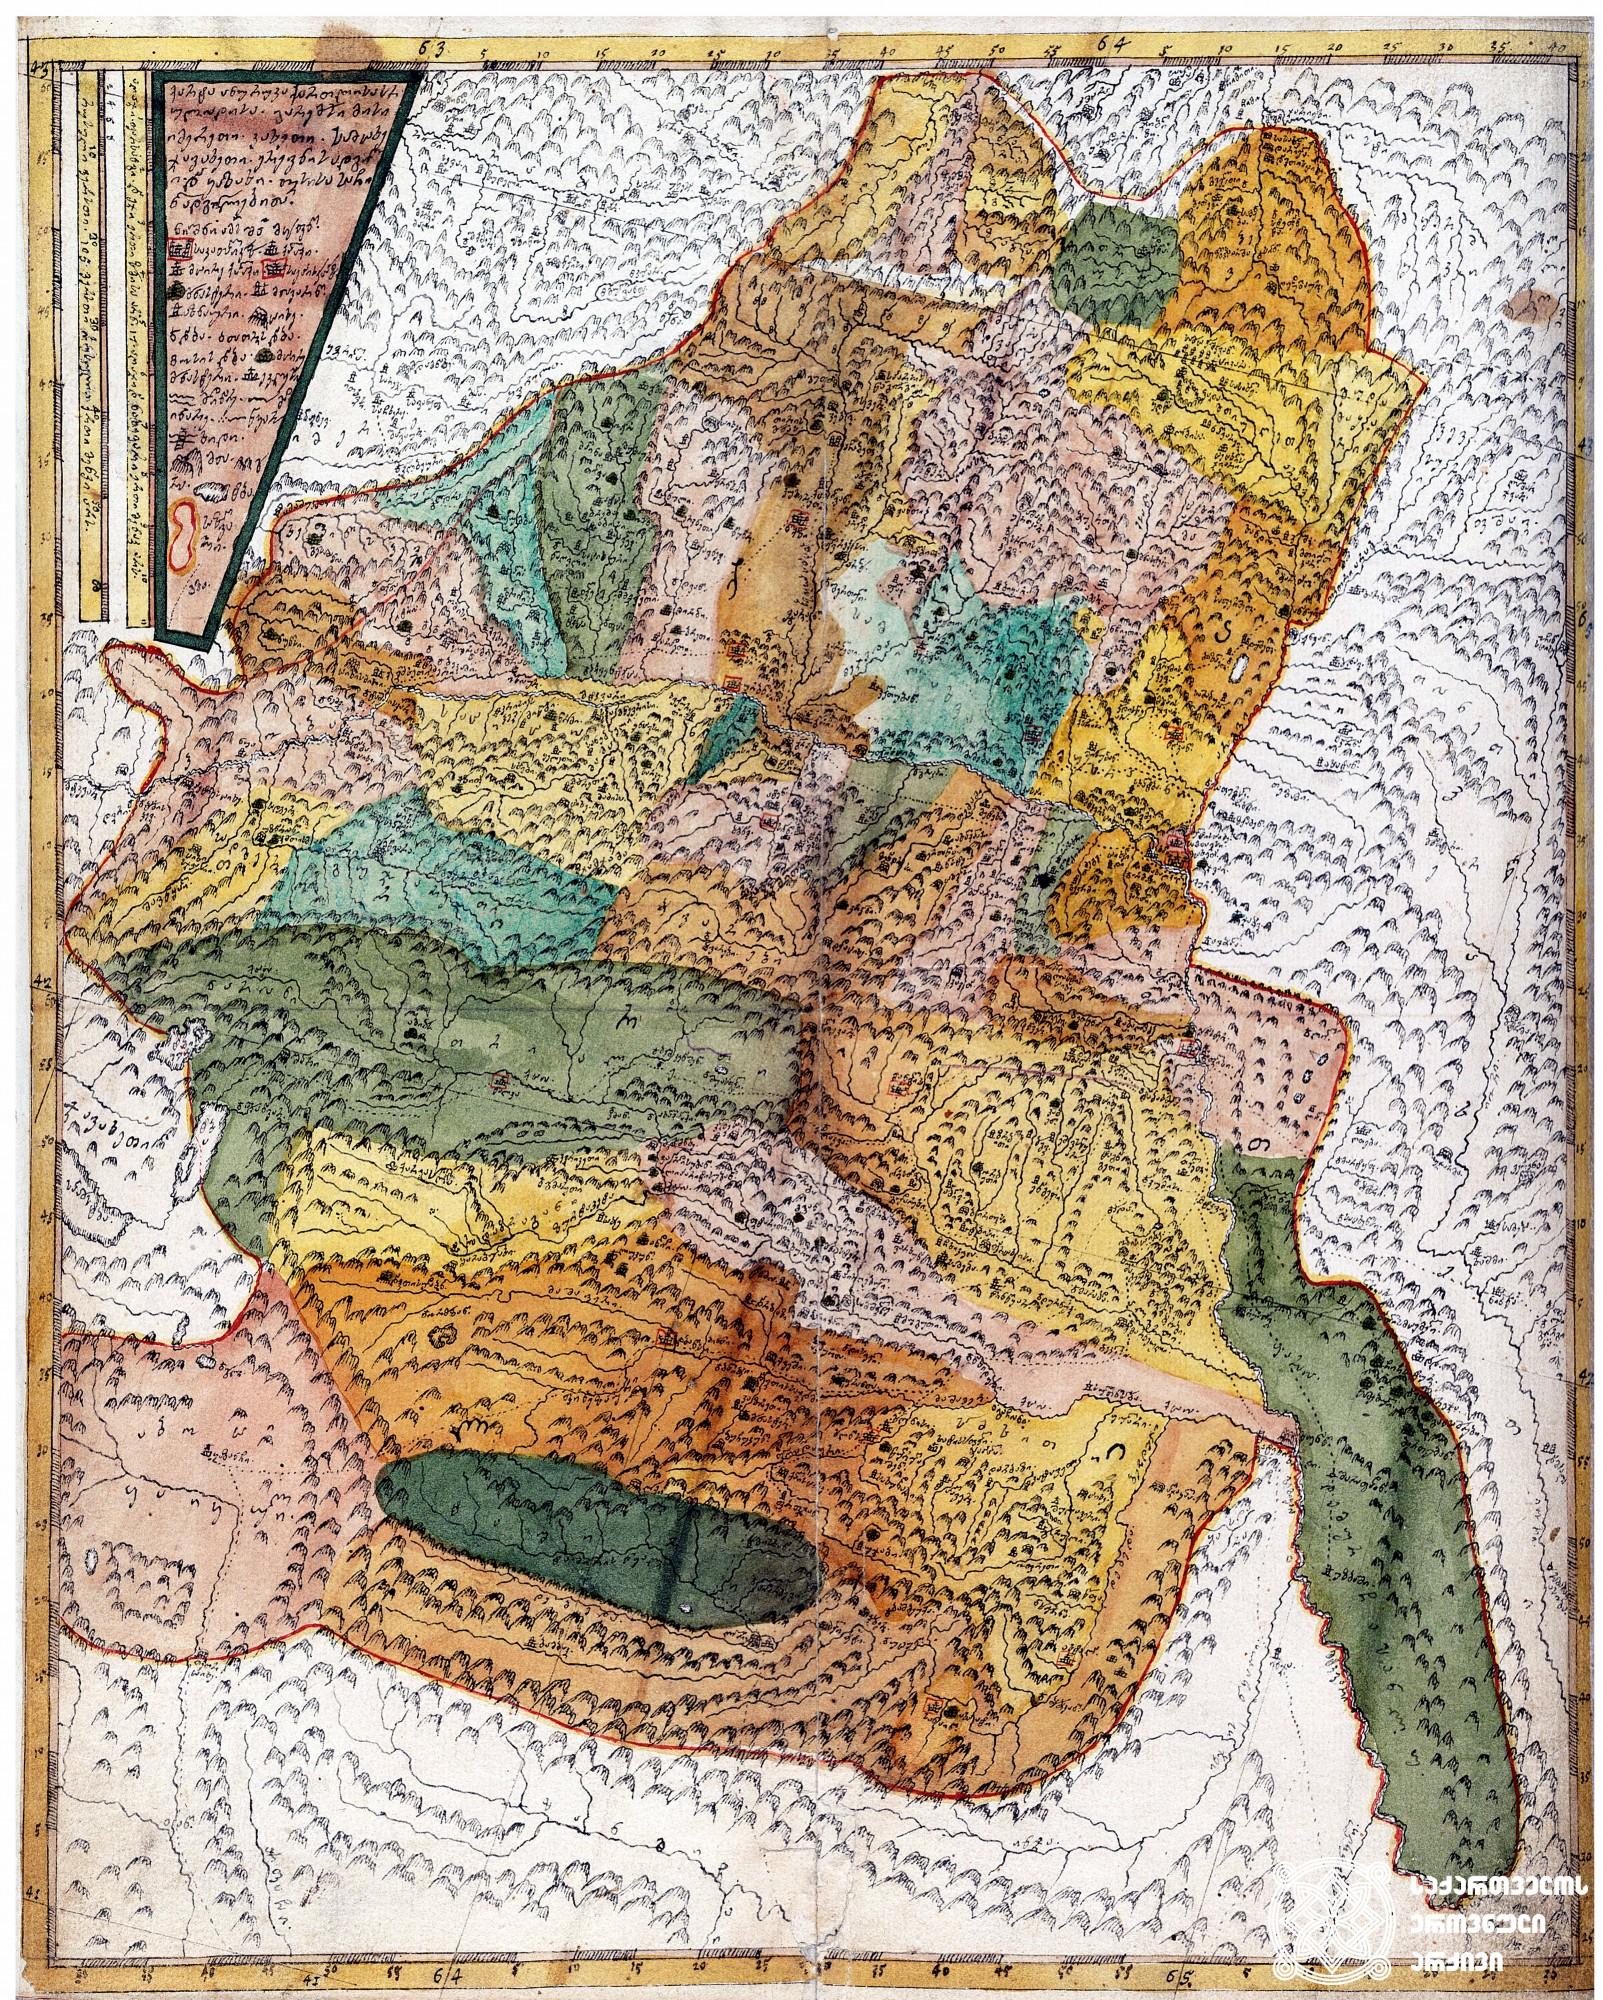 """ვახუშტის ატლასი. <br> ქართლის რუკა (ზოგადი) <br> Atlas of Vakhushti. <br> The map of Kartli (General) <br> """"ქარტა ანუ რუკა ქართლისა სრულიადისა გარემოსი, მისი იმერეთი, კახეთი, სამცხე-ჯავახეთი, ერევნის ადგილი და ყაზახი თვისისა საჩინო ადგილებითა""""."""